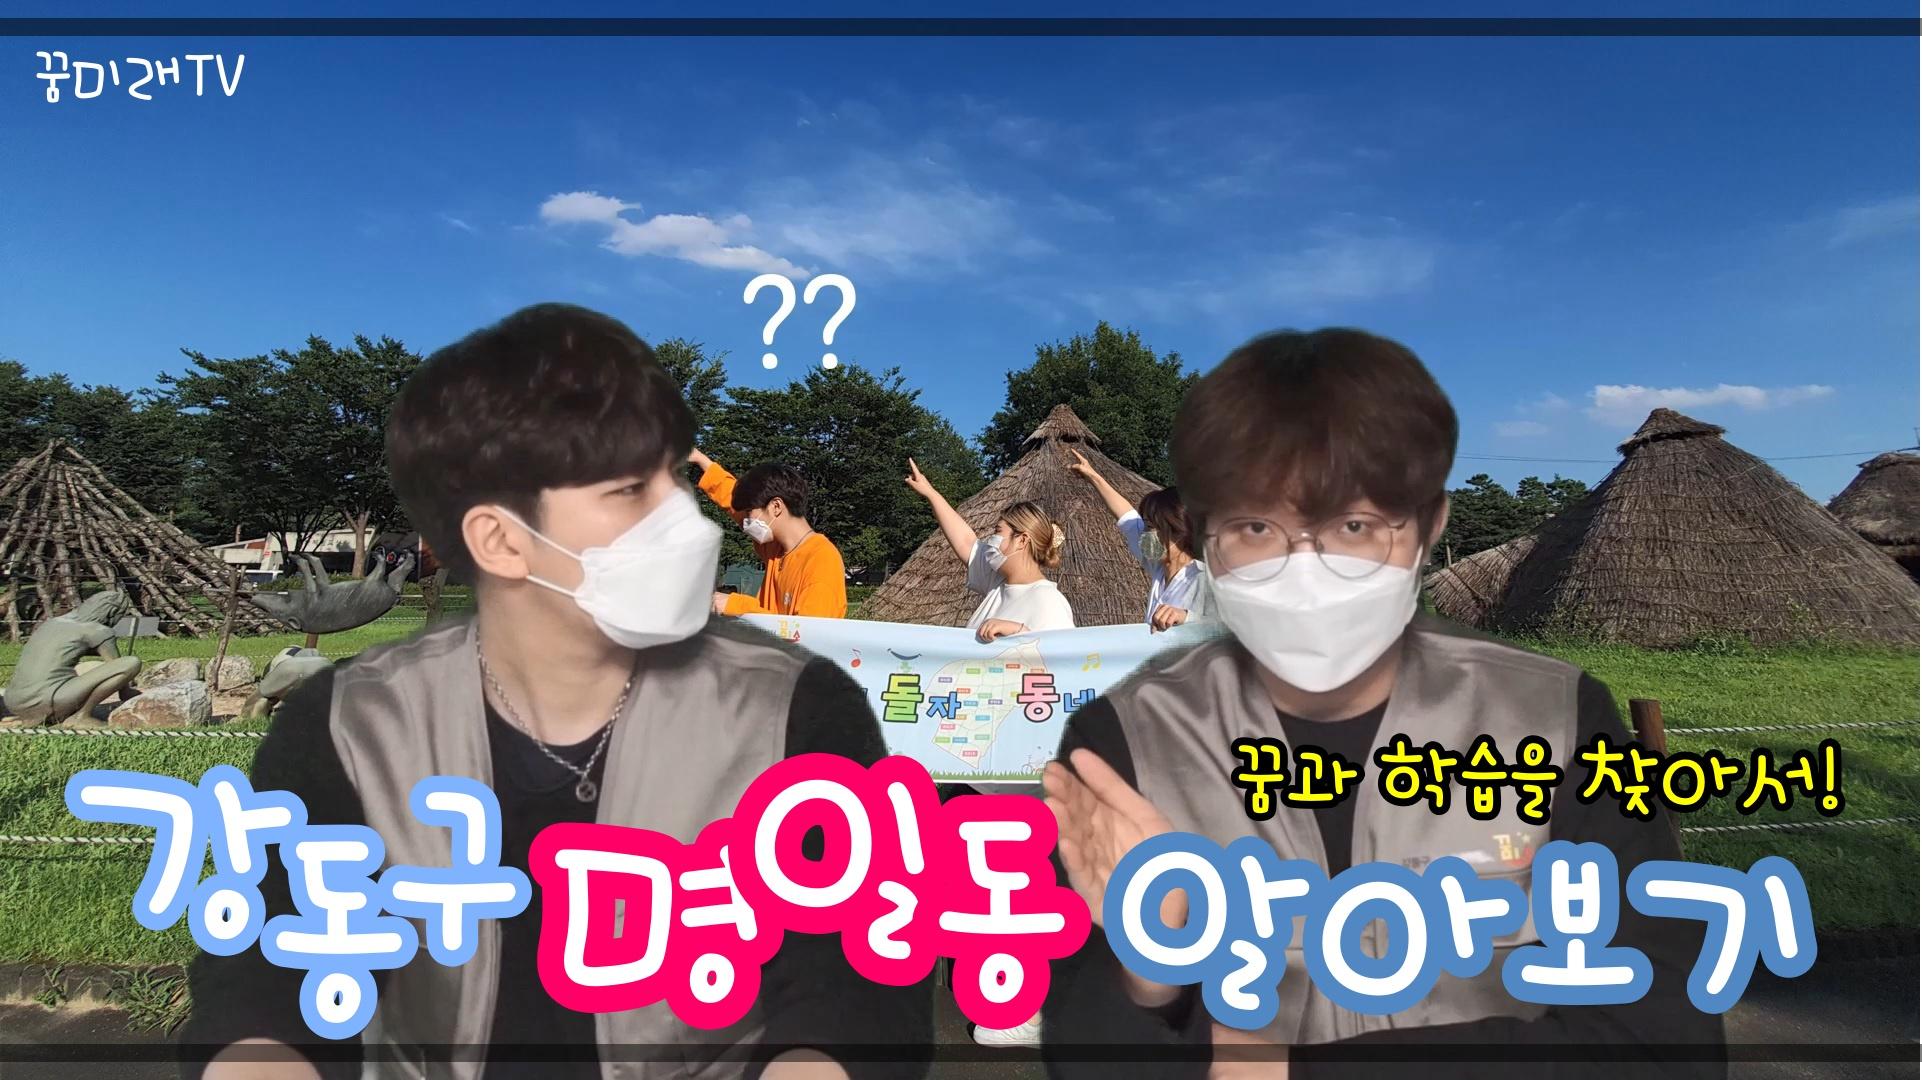 [다돌동] 강동구 명일동 알아보기! (feat. 꿈미소 4호점)